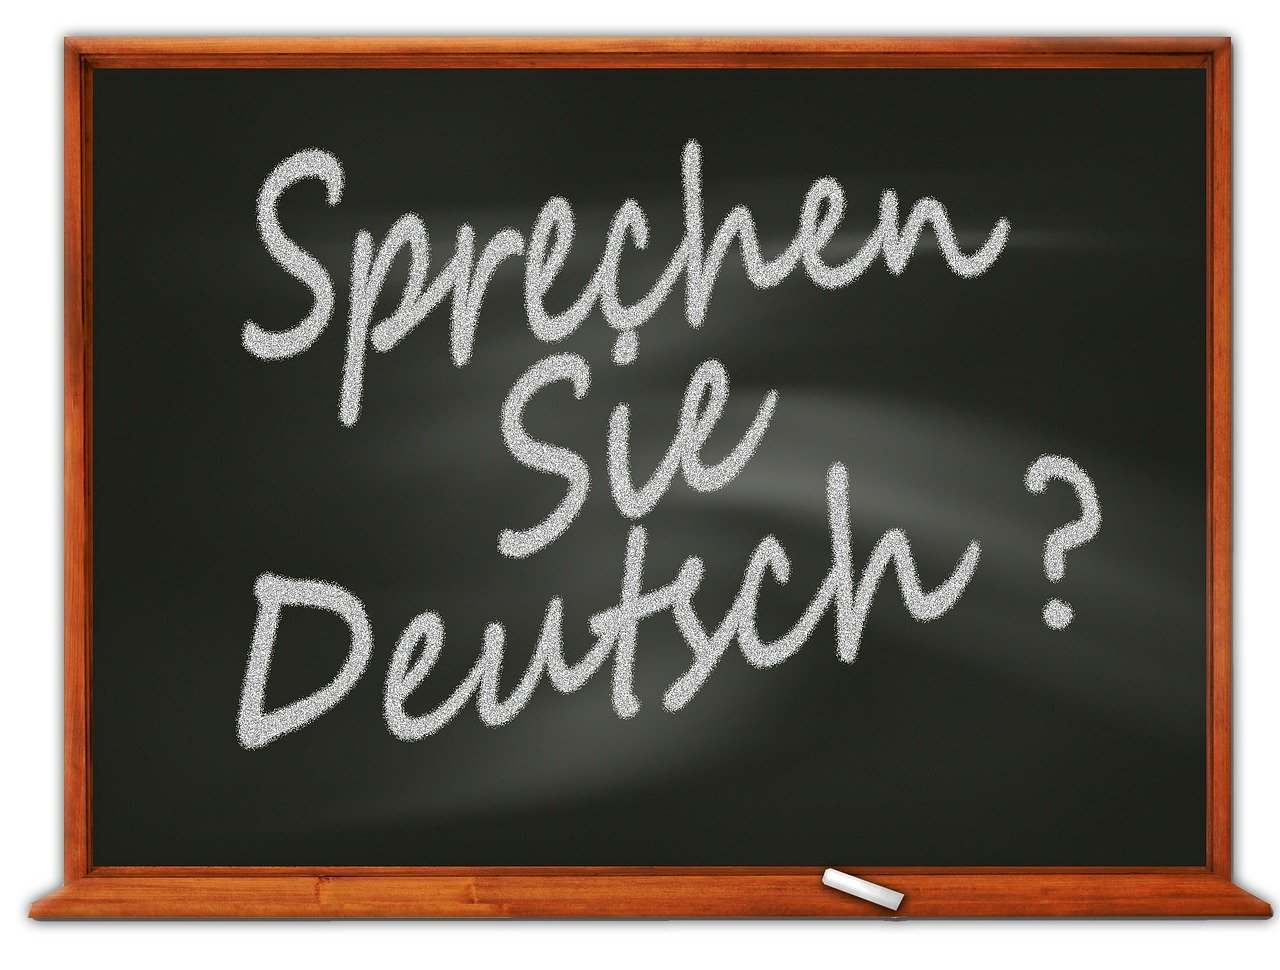 prevodi v nemščino